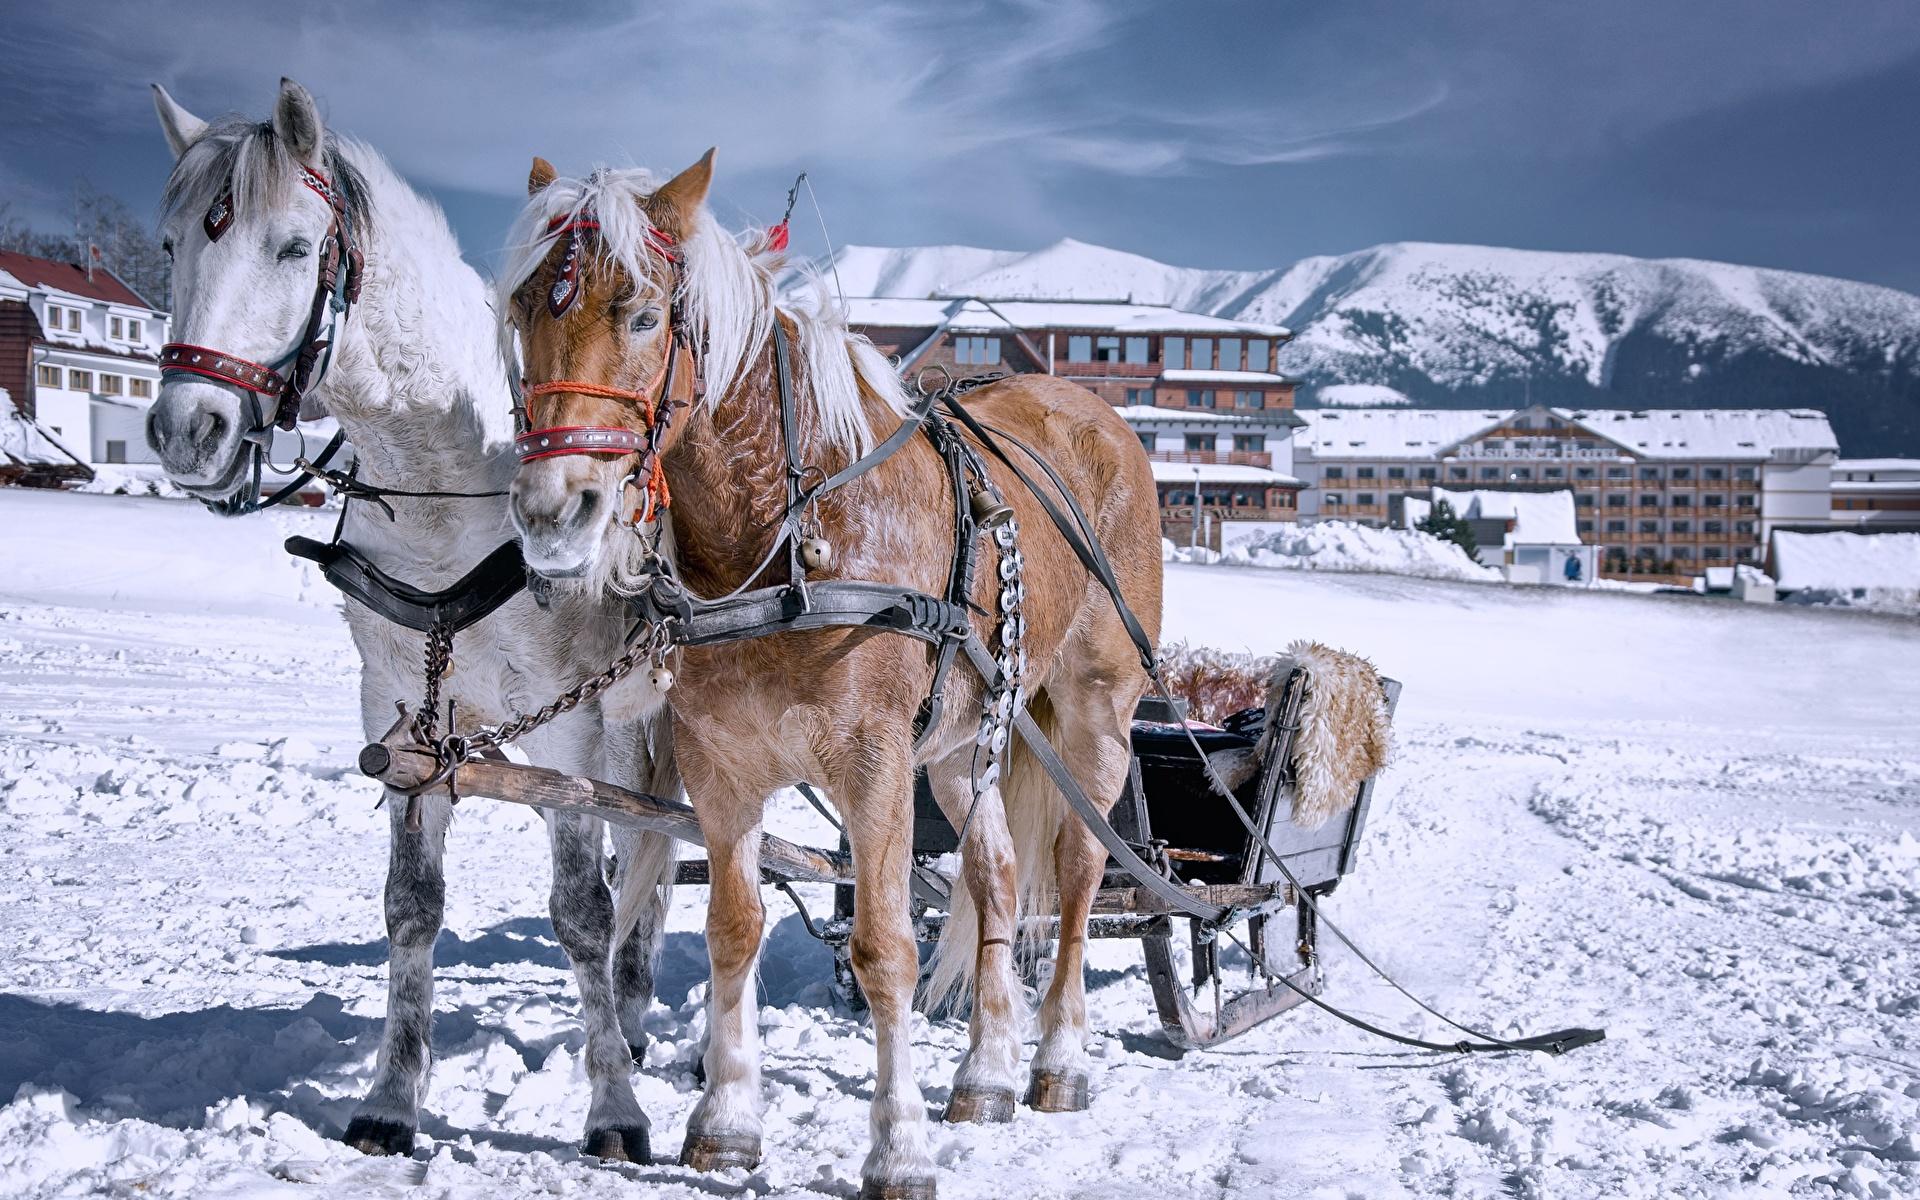 Обои для рабочего стола Лошади санках Зима Двое снега Животные 1920x1200 лошадь Сани Санки санях 2 два две зимние вдвоем Снег снегу снеге животное